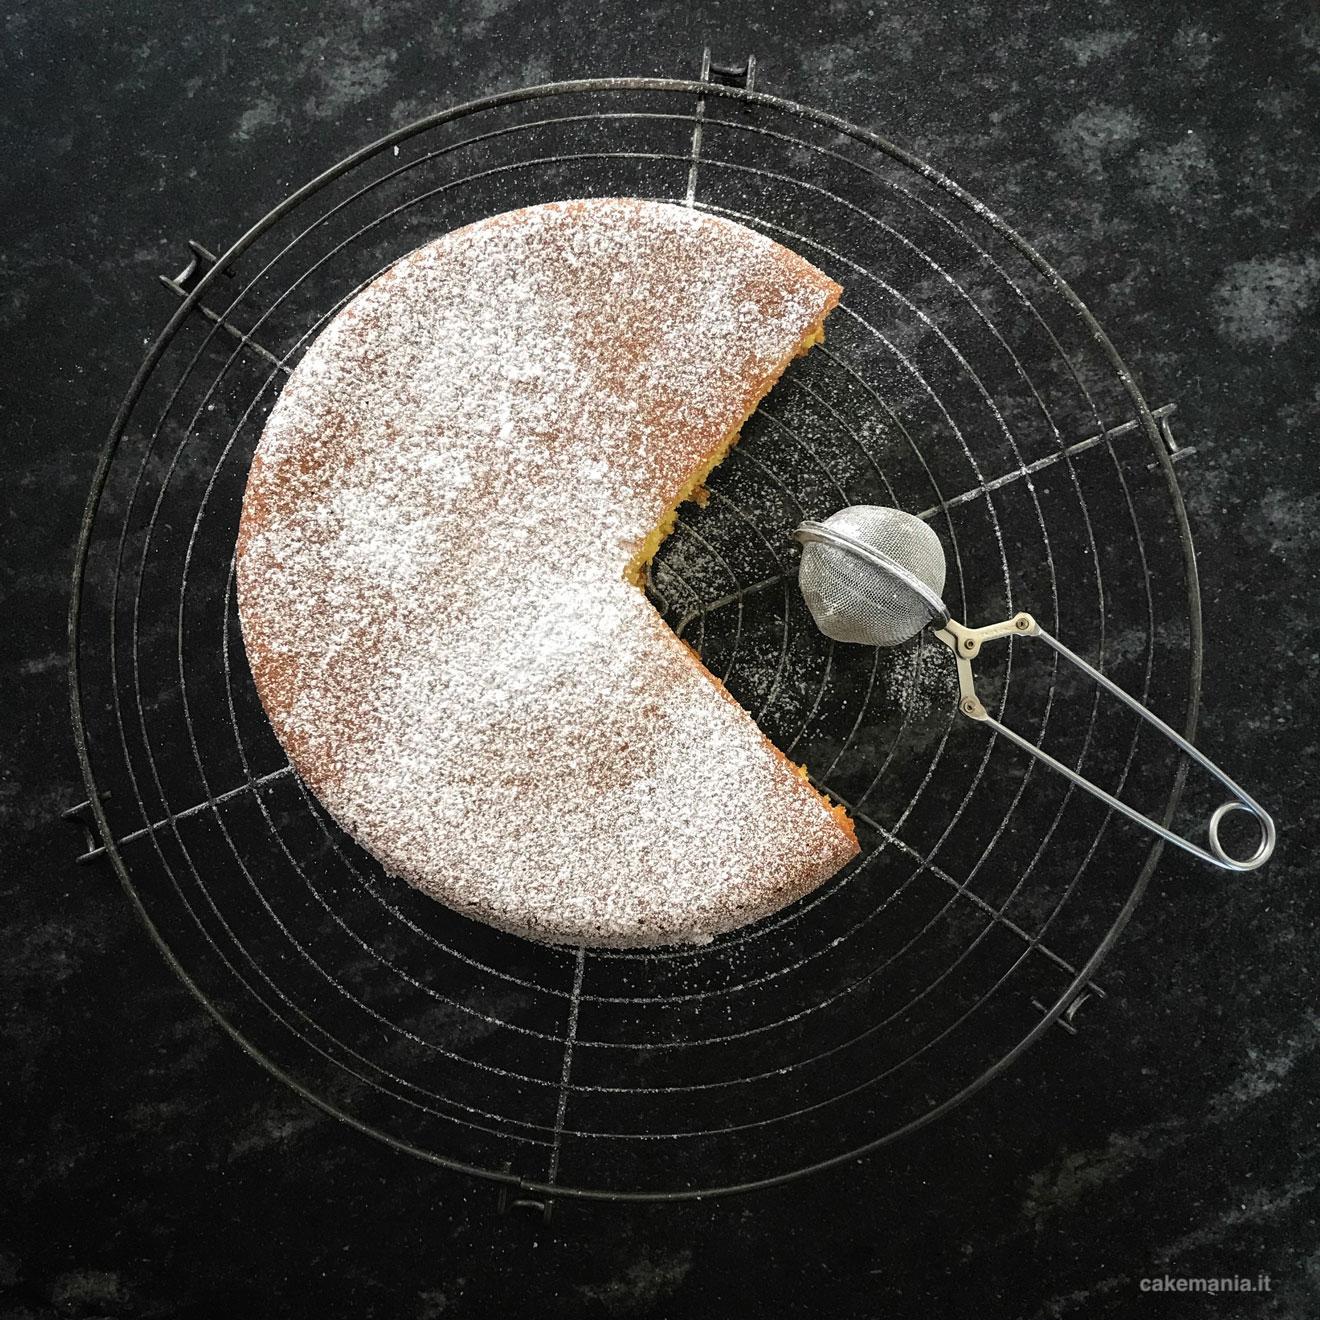 torta-panarello-fatta-in-casa